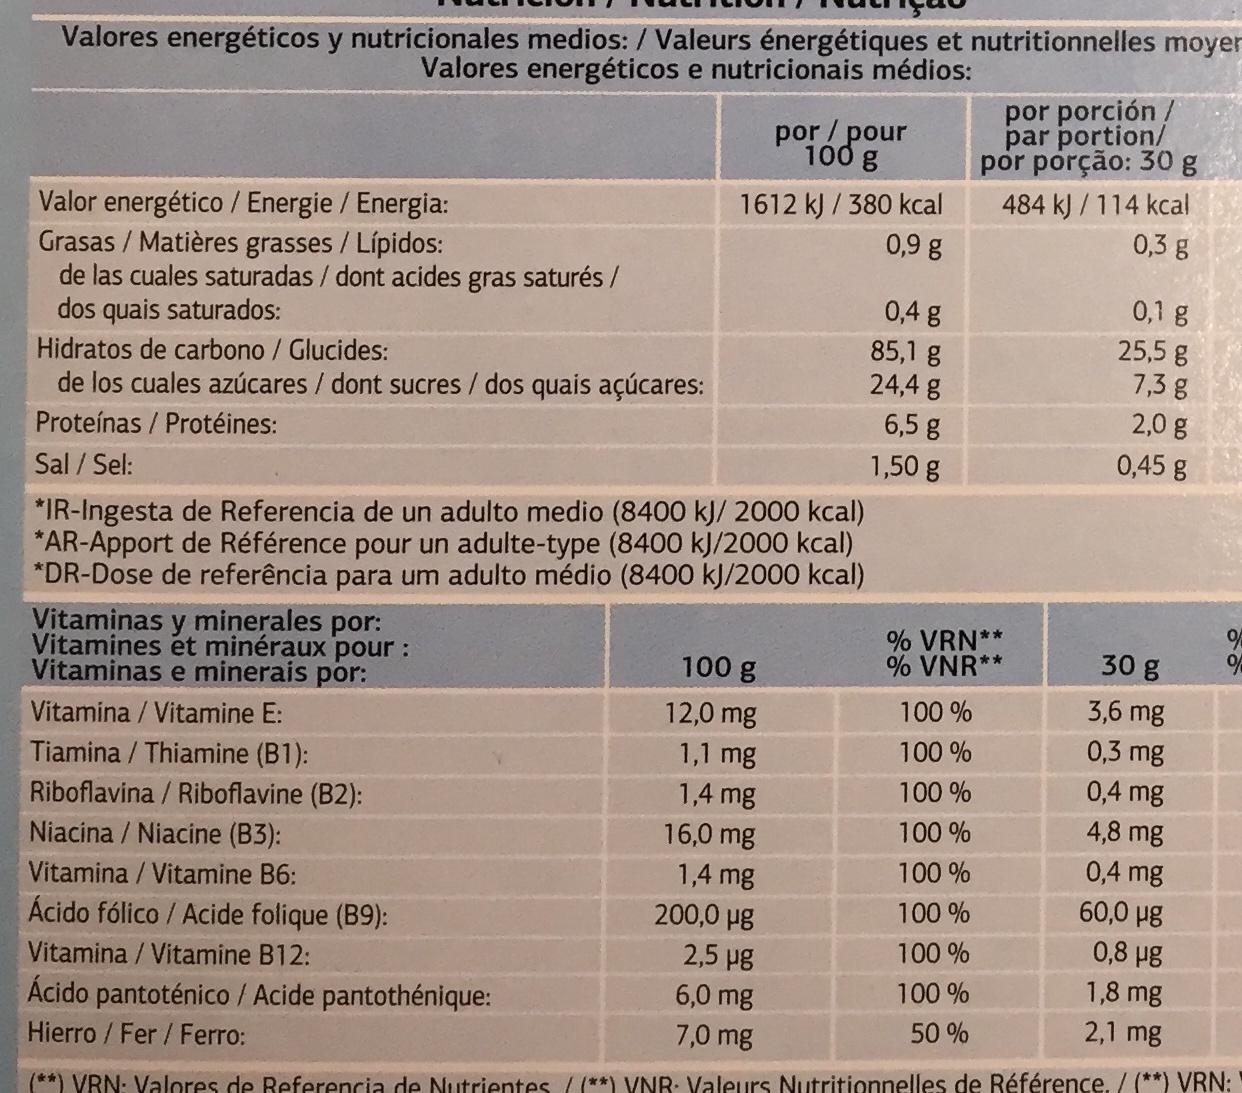 Tortera sugar - Nutrition facts - fr